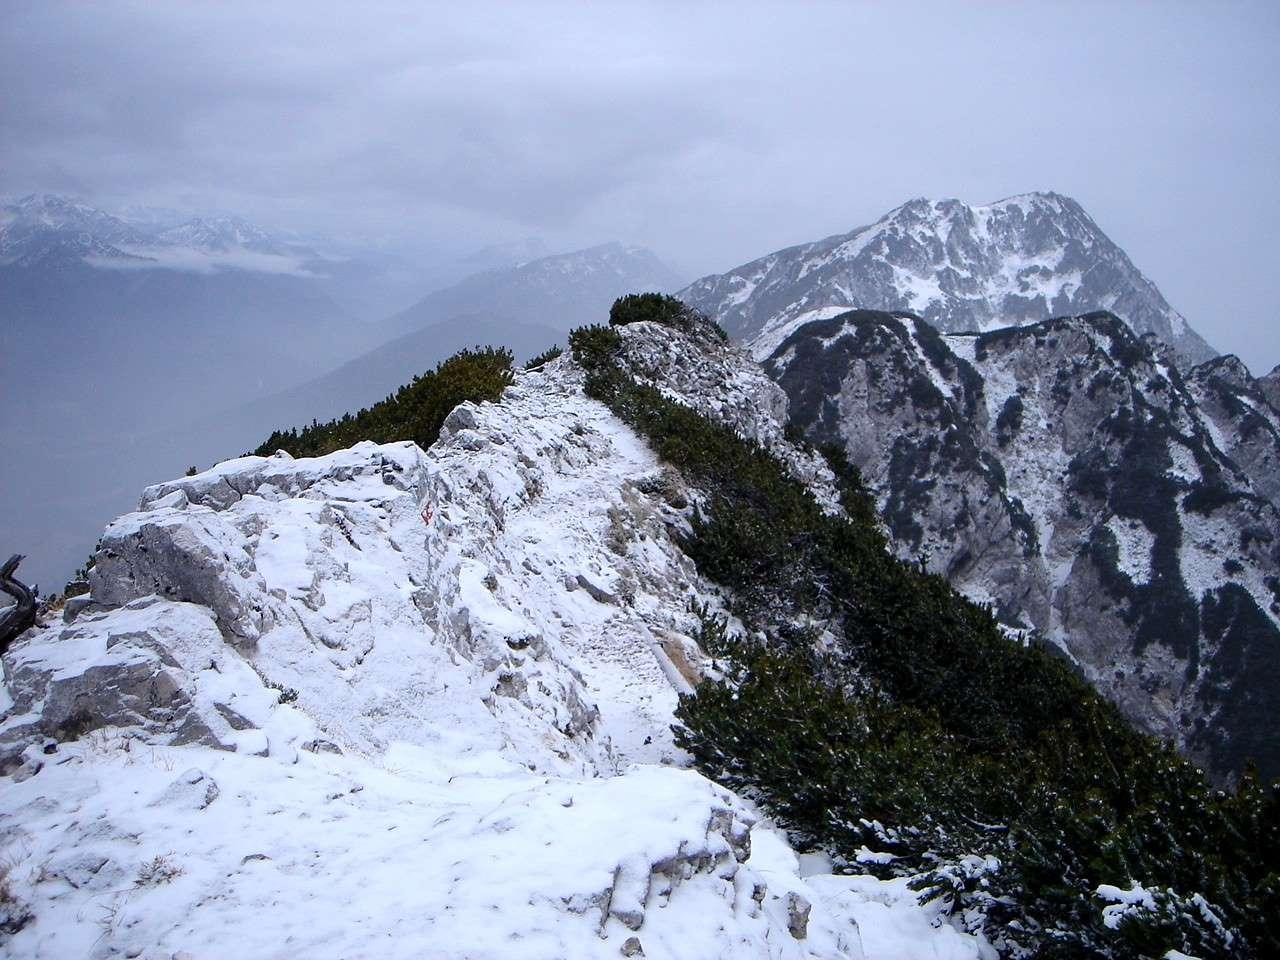 Foto: Manfred Karl / Wander Tour / Von der Padinger Alm auf den Hochstaufen / Bei Schneelage ist stellenweise Vorsicht geboten. / 18.05.2007 06:57:07